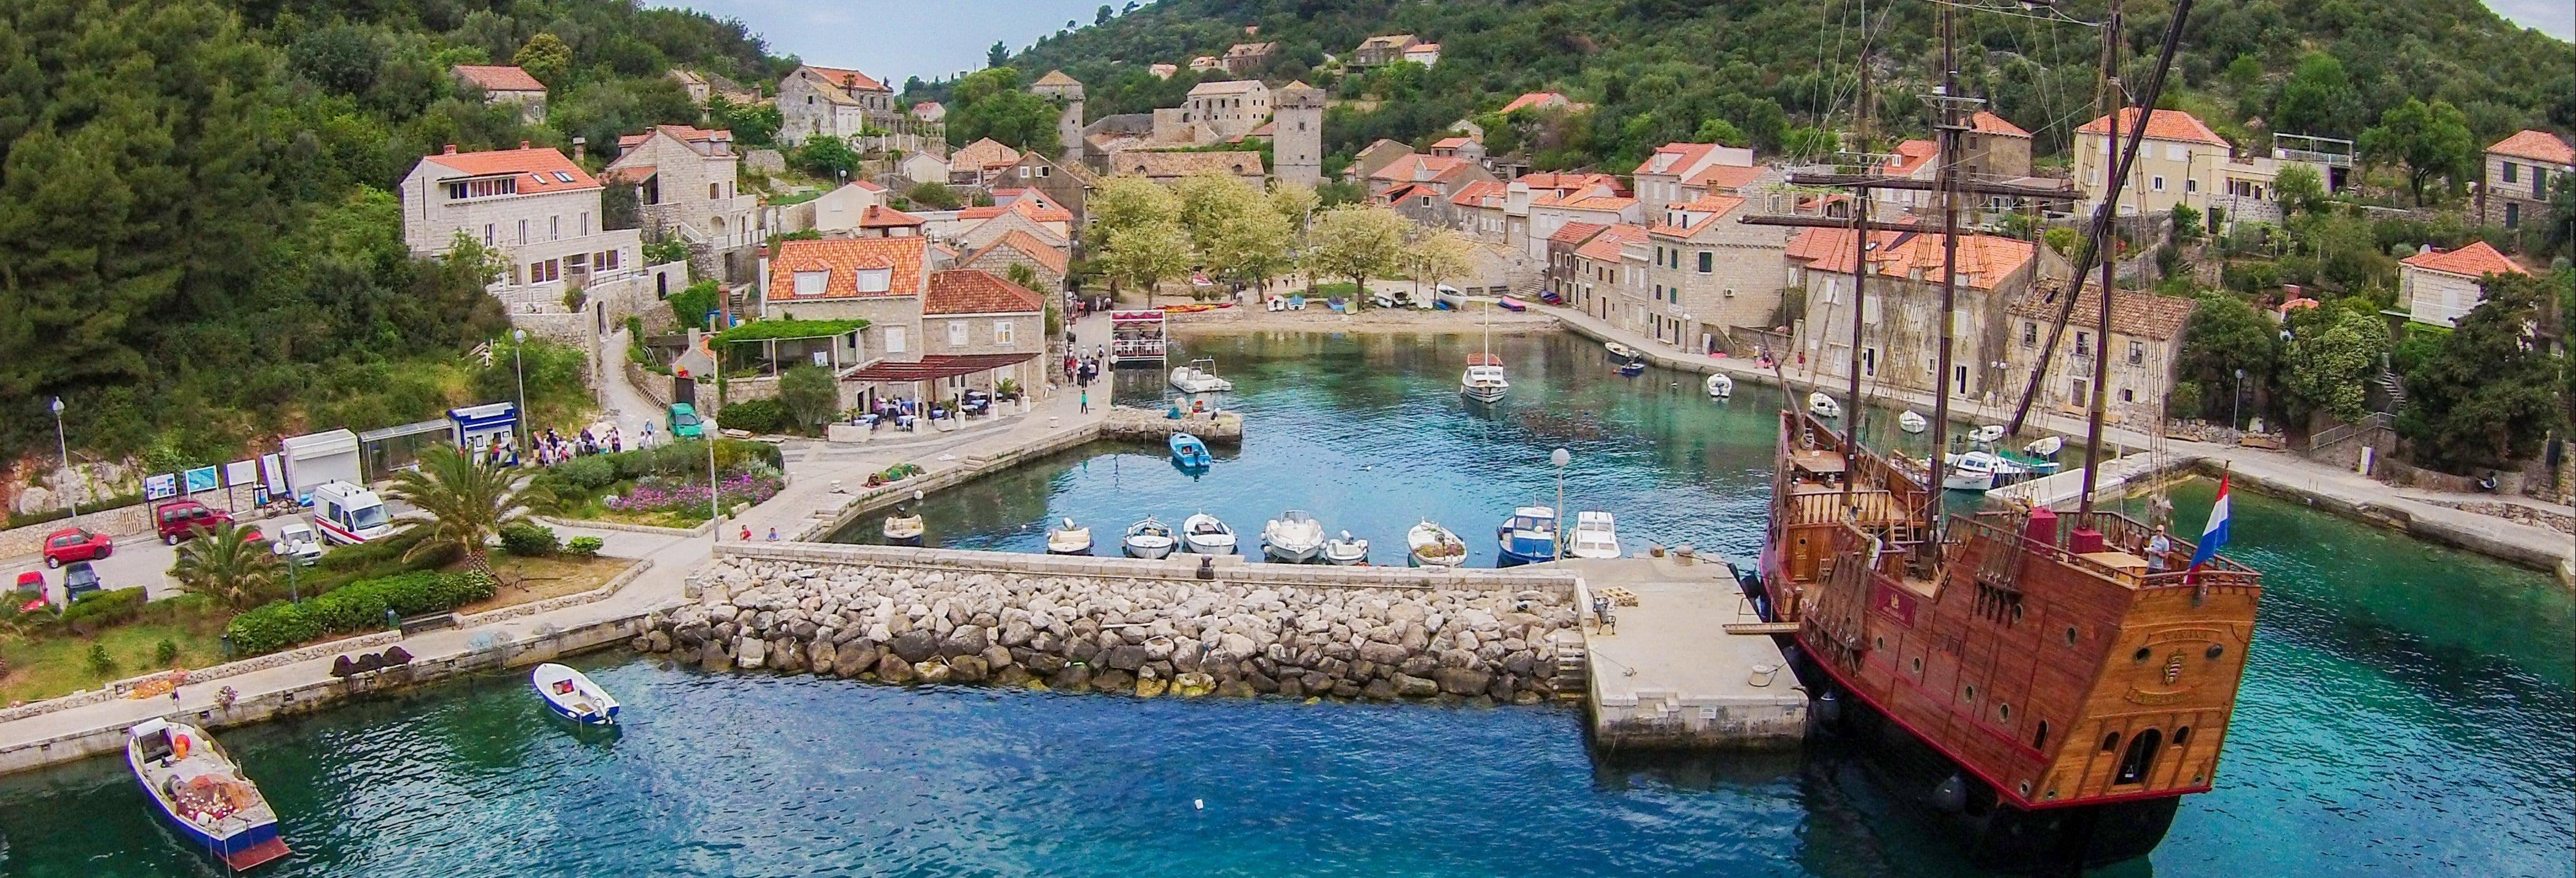 Crociera in una barca antica nelle Isole Elafiti